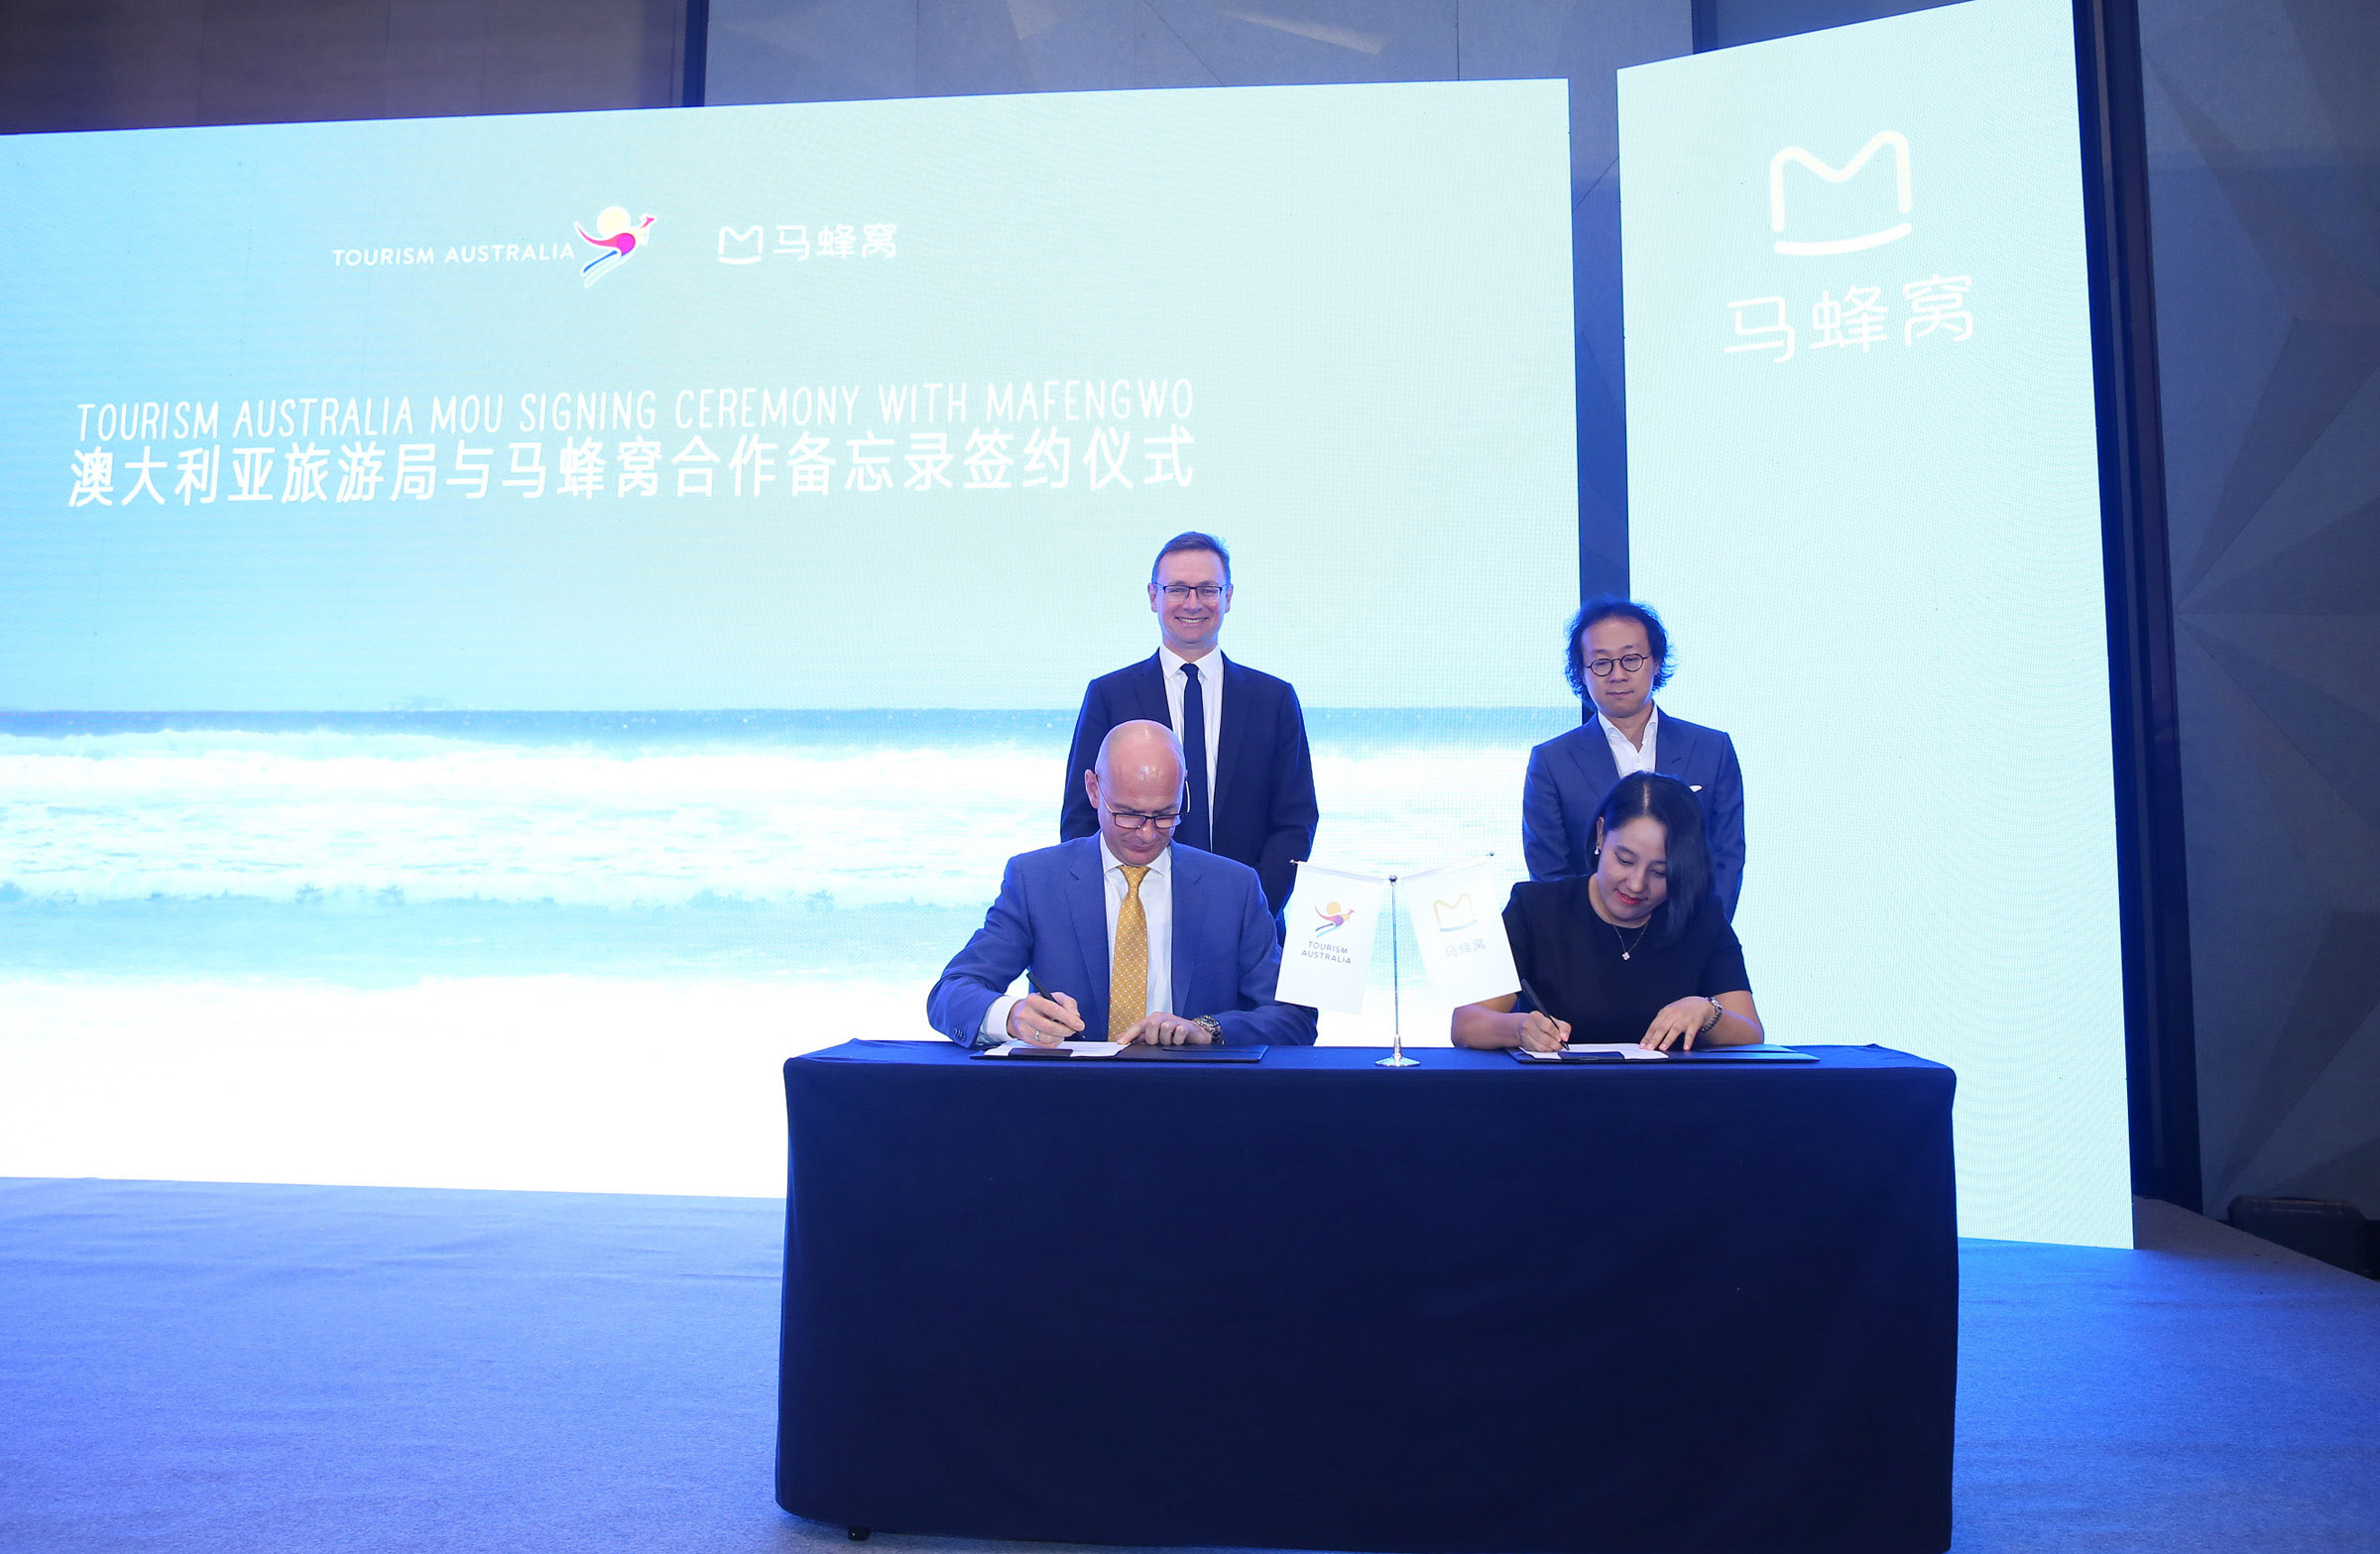 澳大利亚旅游局与马蜂窝签署战略合作协议 构建移动互联网旅游生态圈